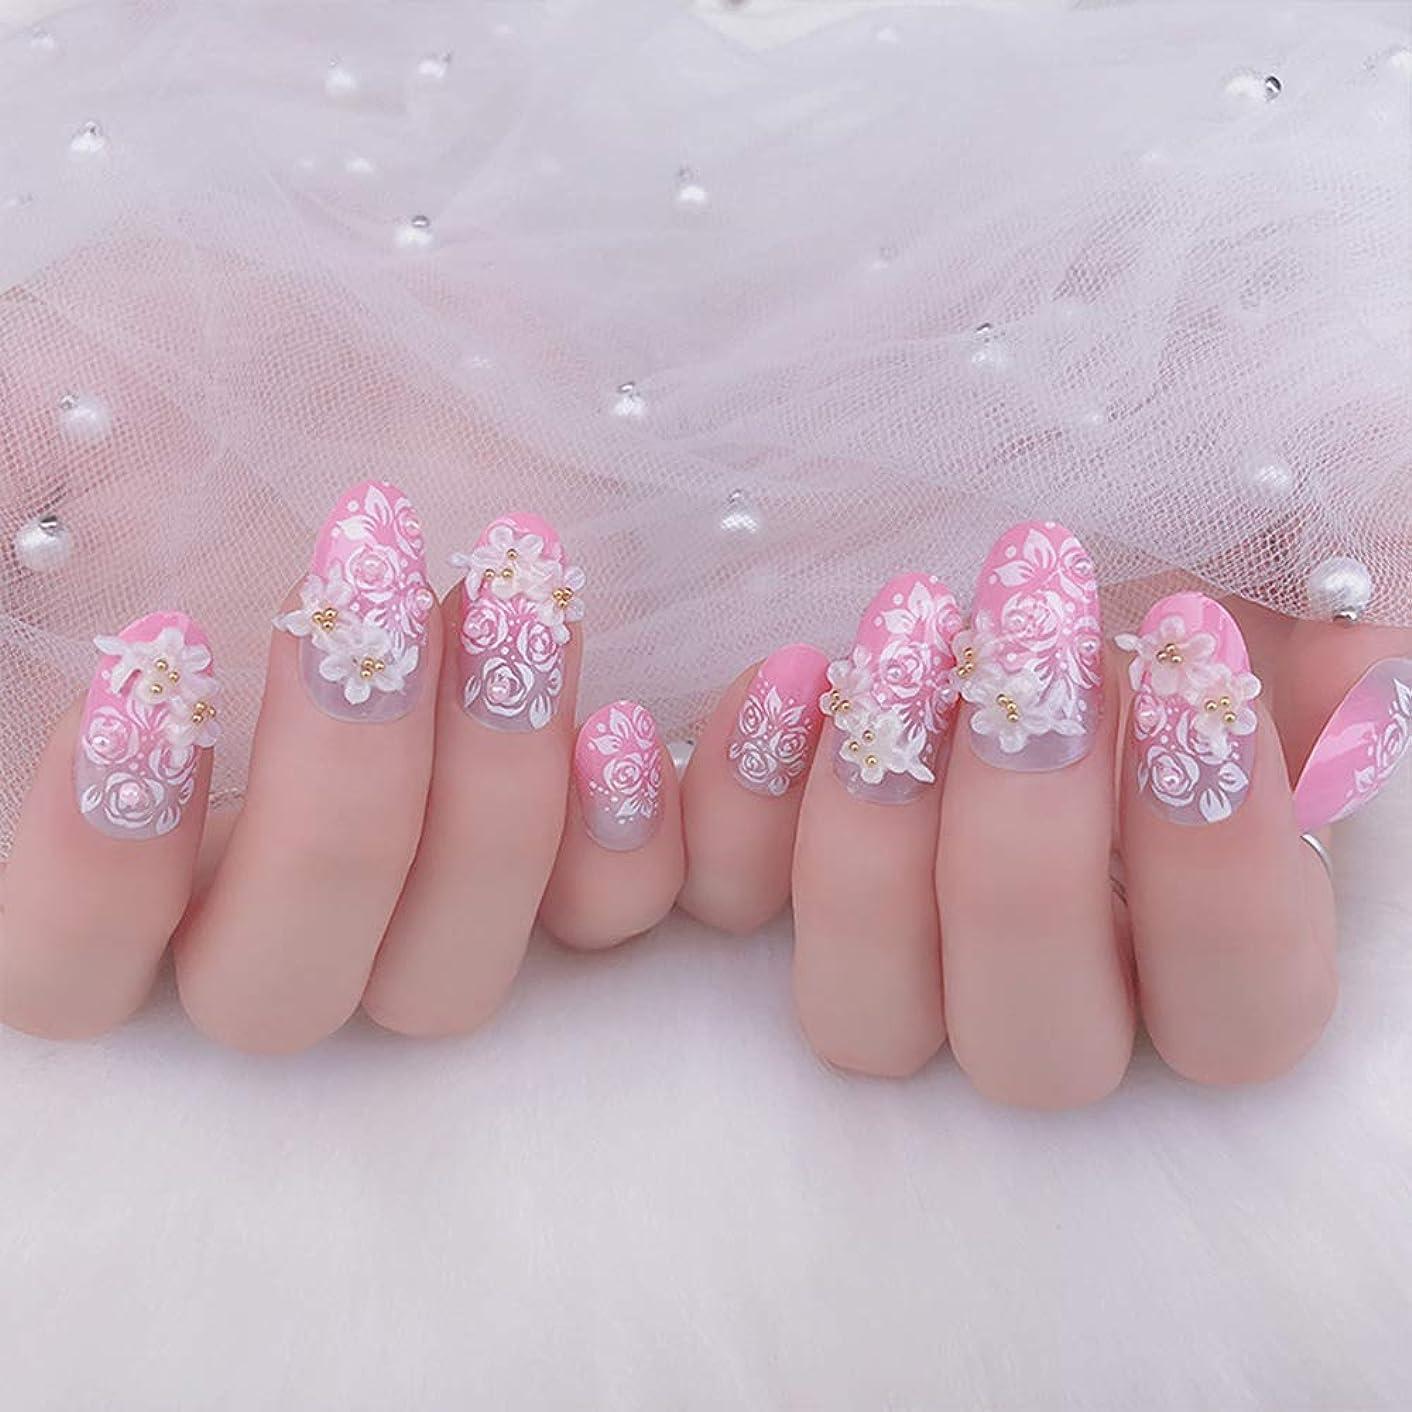 信者ジャンプ選挙XUTXZKA ピンクカラー人工ネイル花嫁の結婚式輝くラインストーン偽ネイル花フルカバーネイルのヒント24ピース/セット